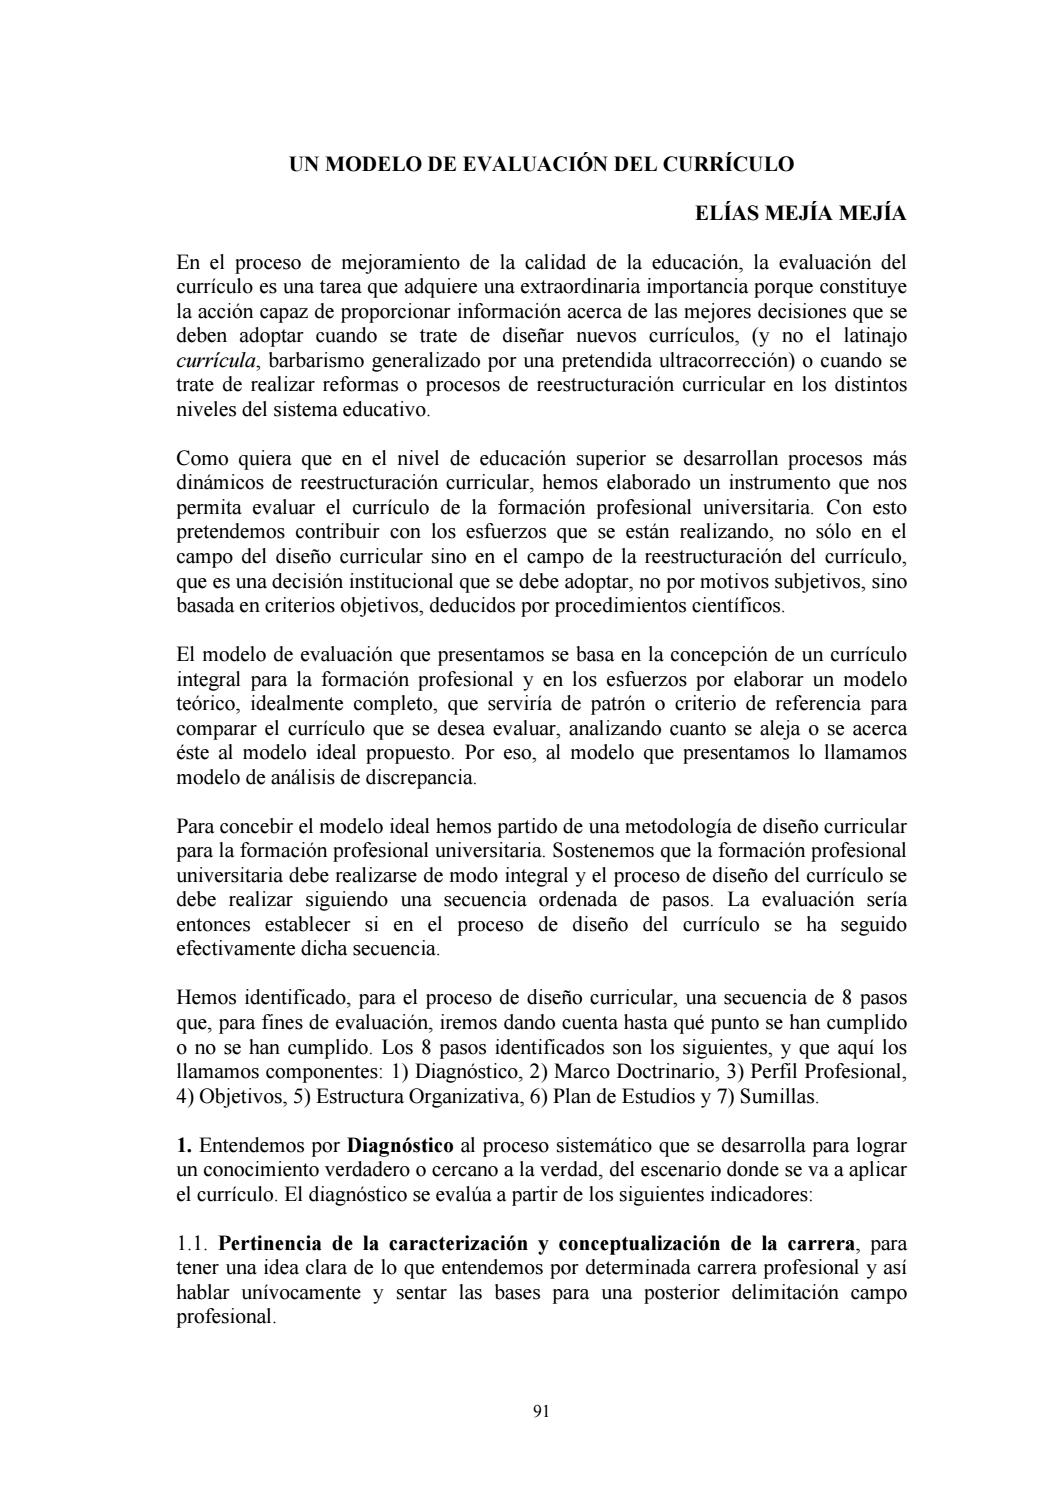 UN MODELO DE EVALUACIÓN DEL CURRÍCULO by Instituto de Educación ...